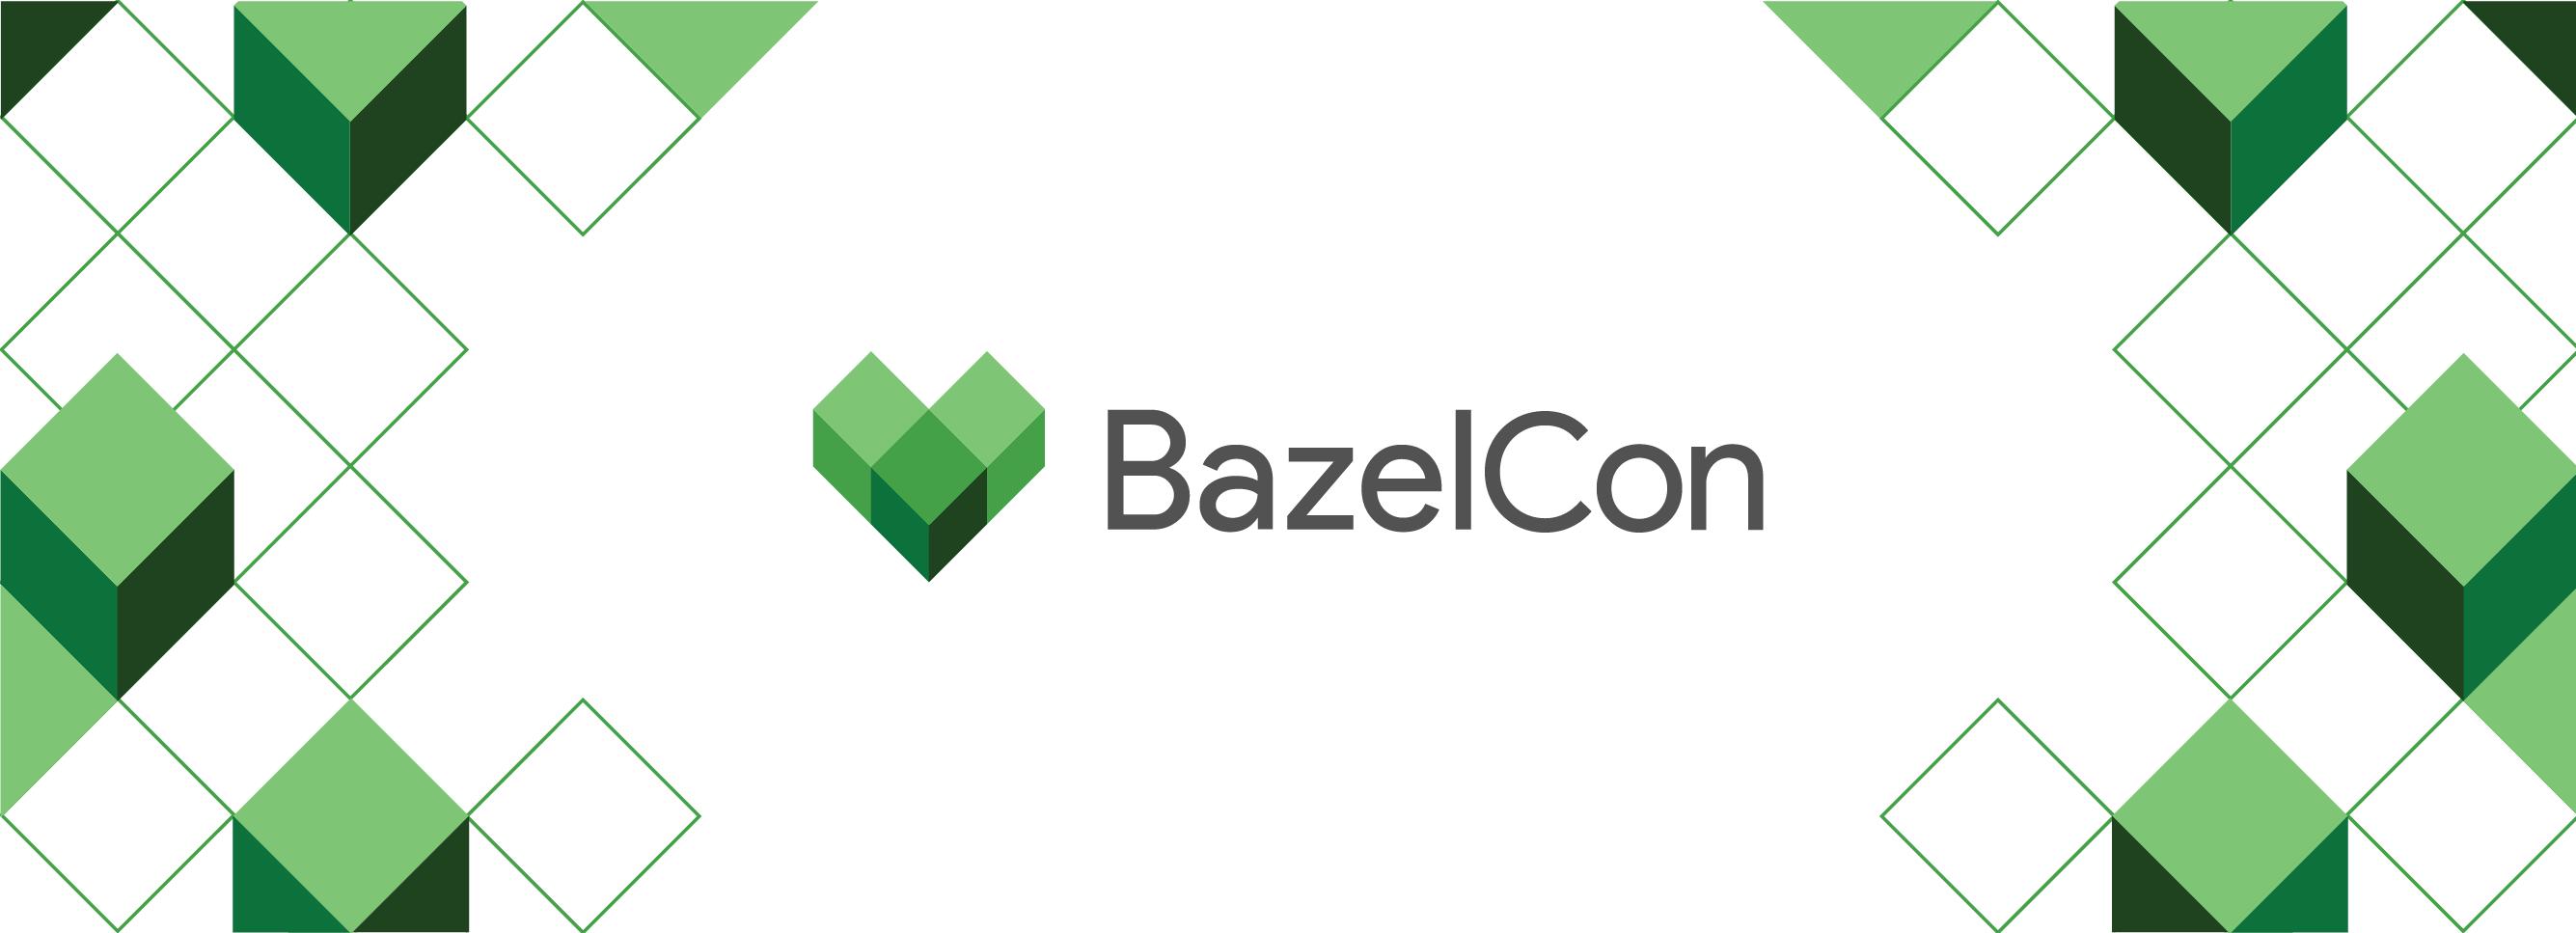 BazelCon logo image